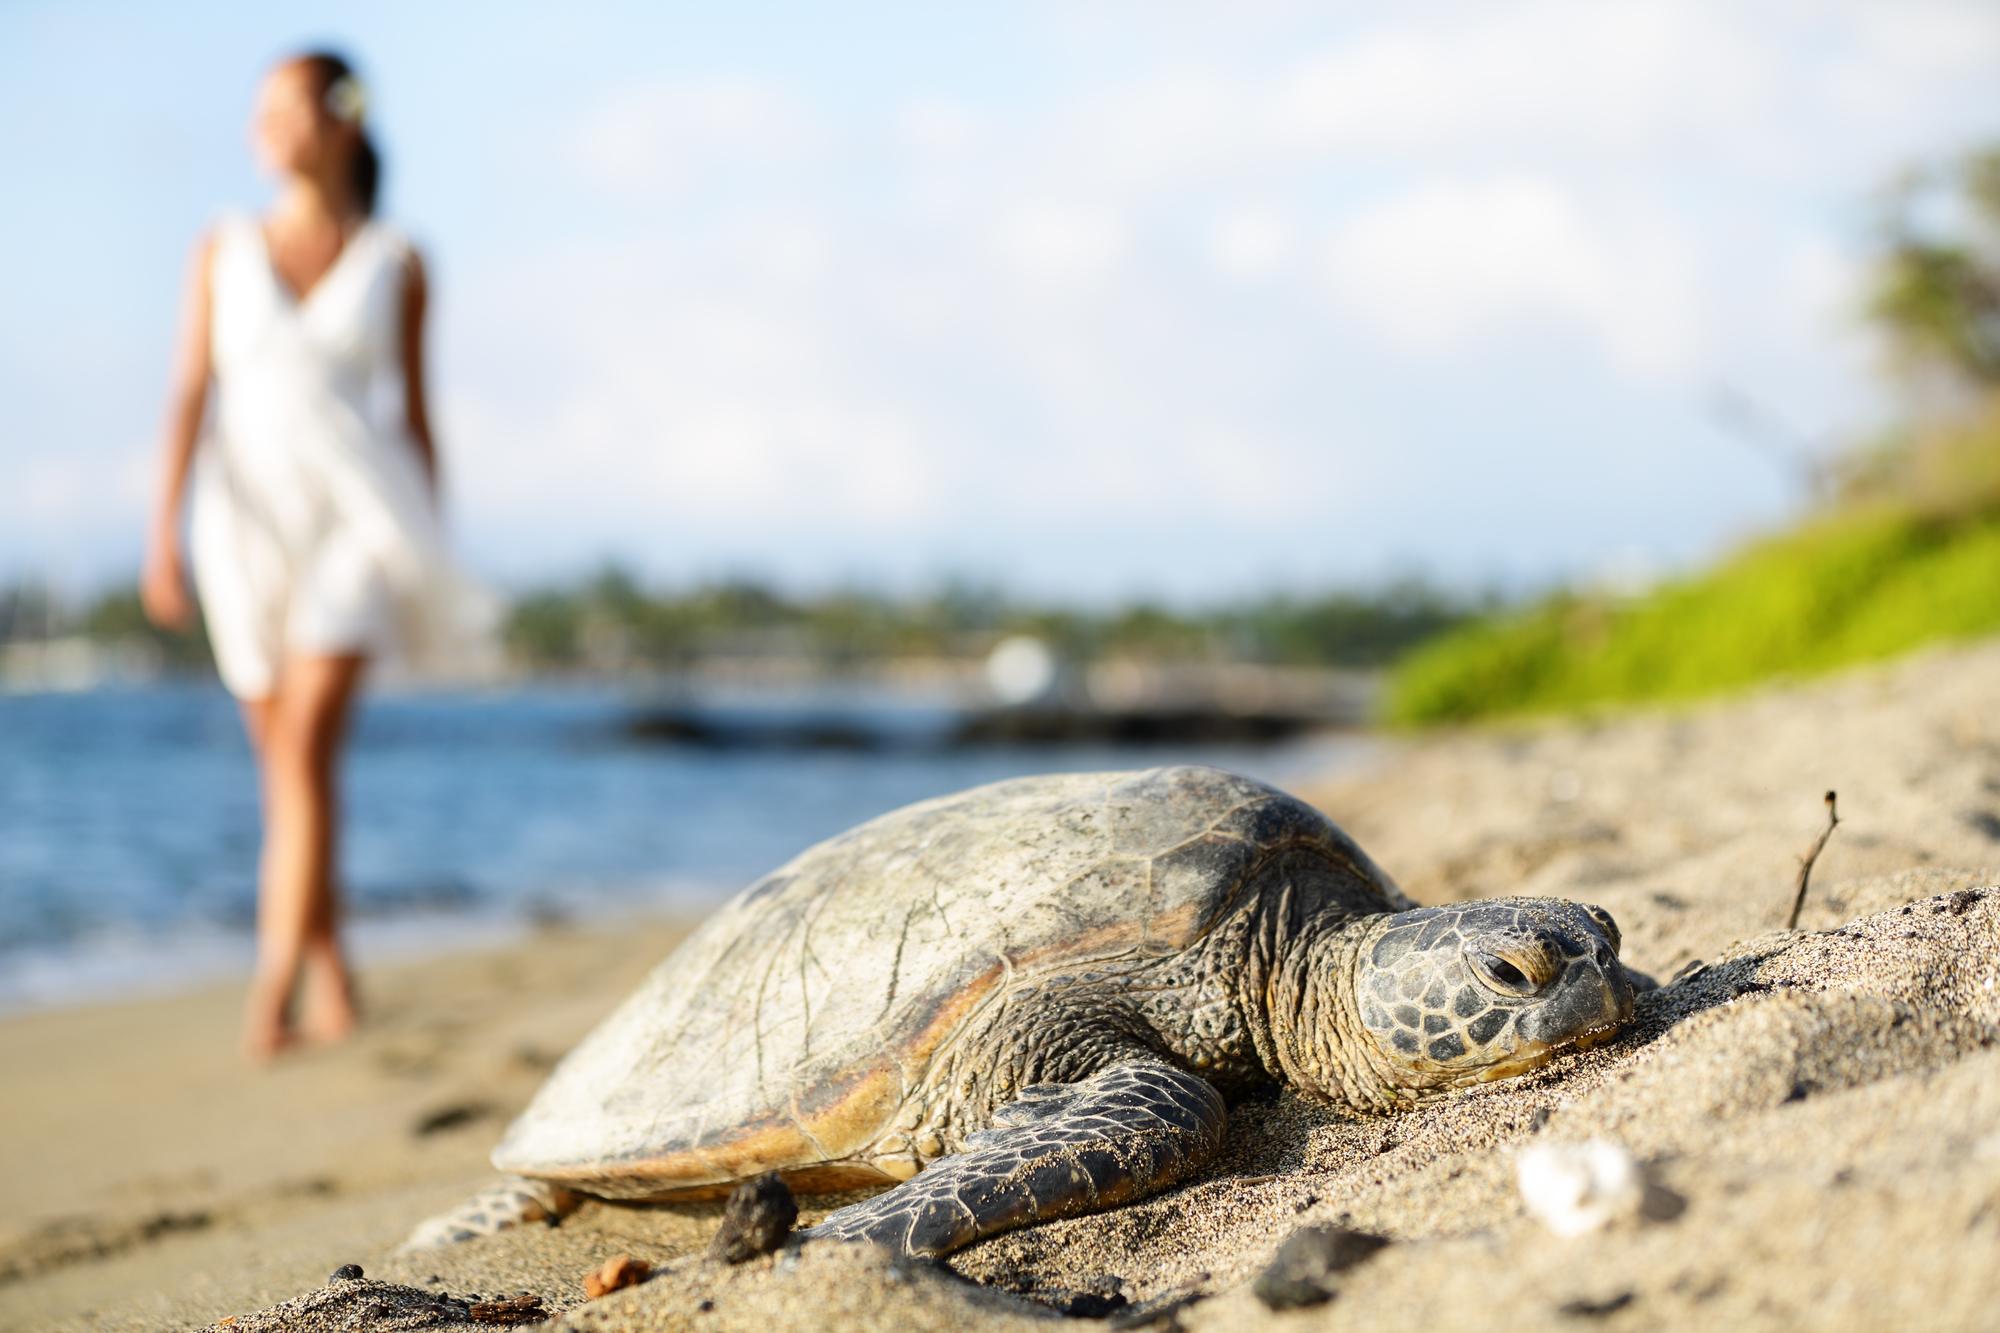 Turtle on beach, walking woman, Big Island, Hawaii